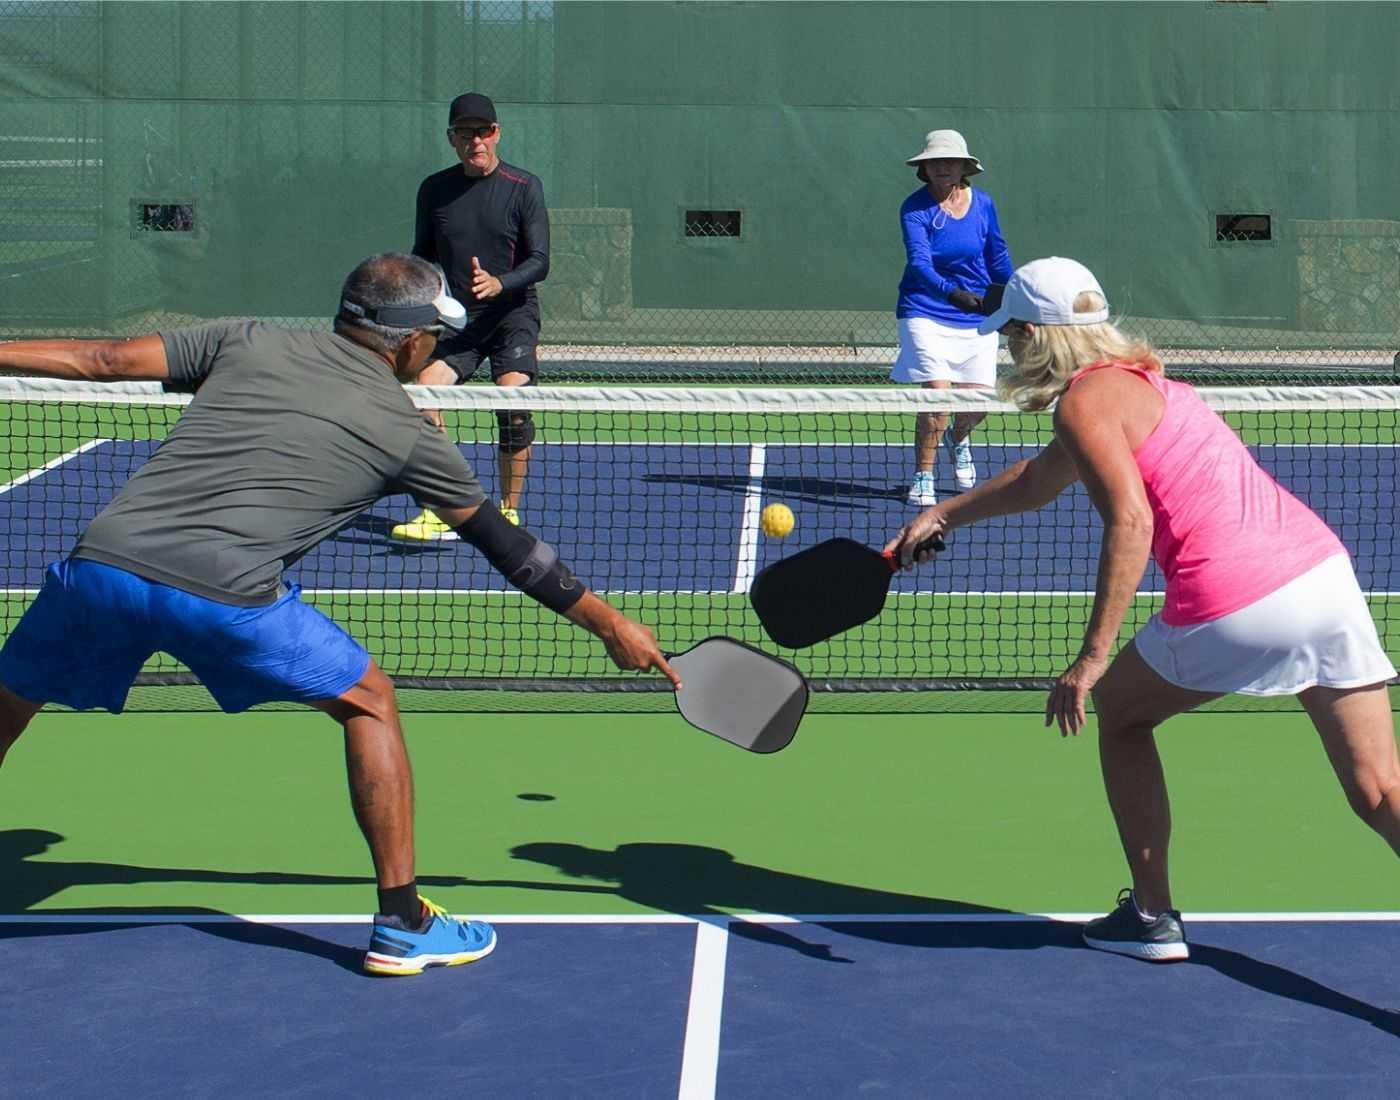 Pickleball racquet sport